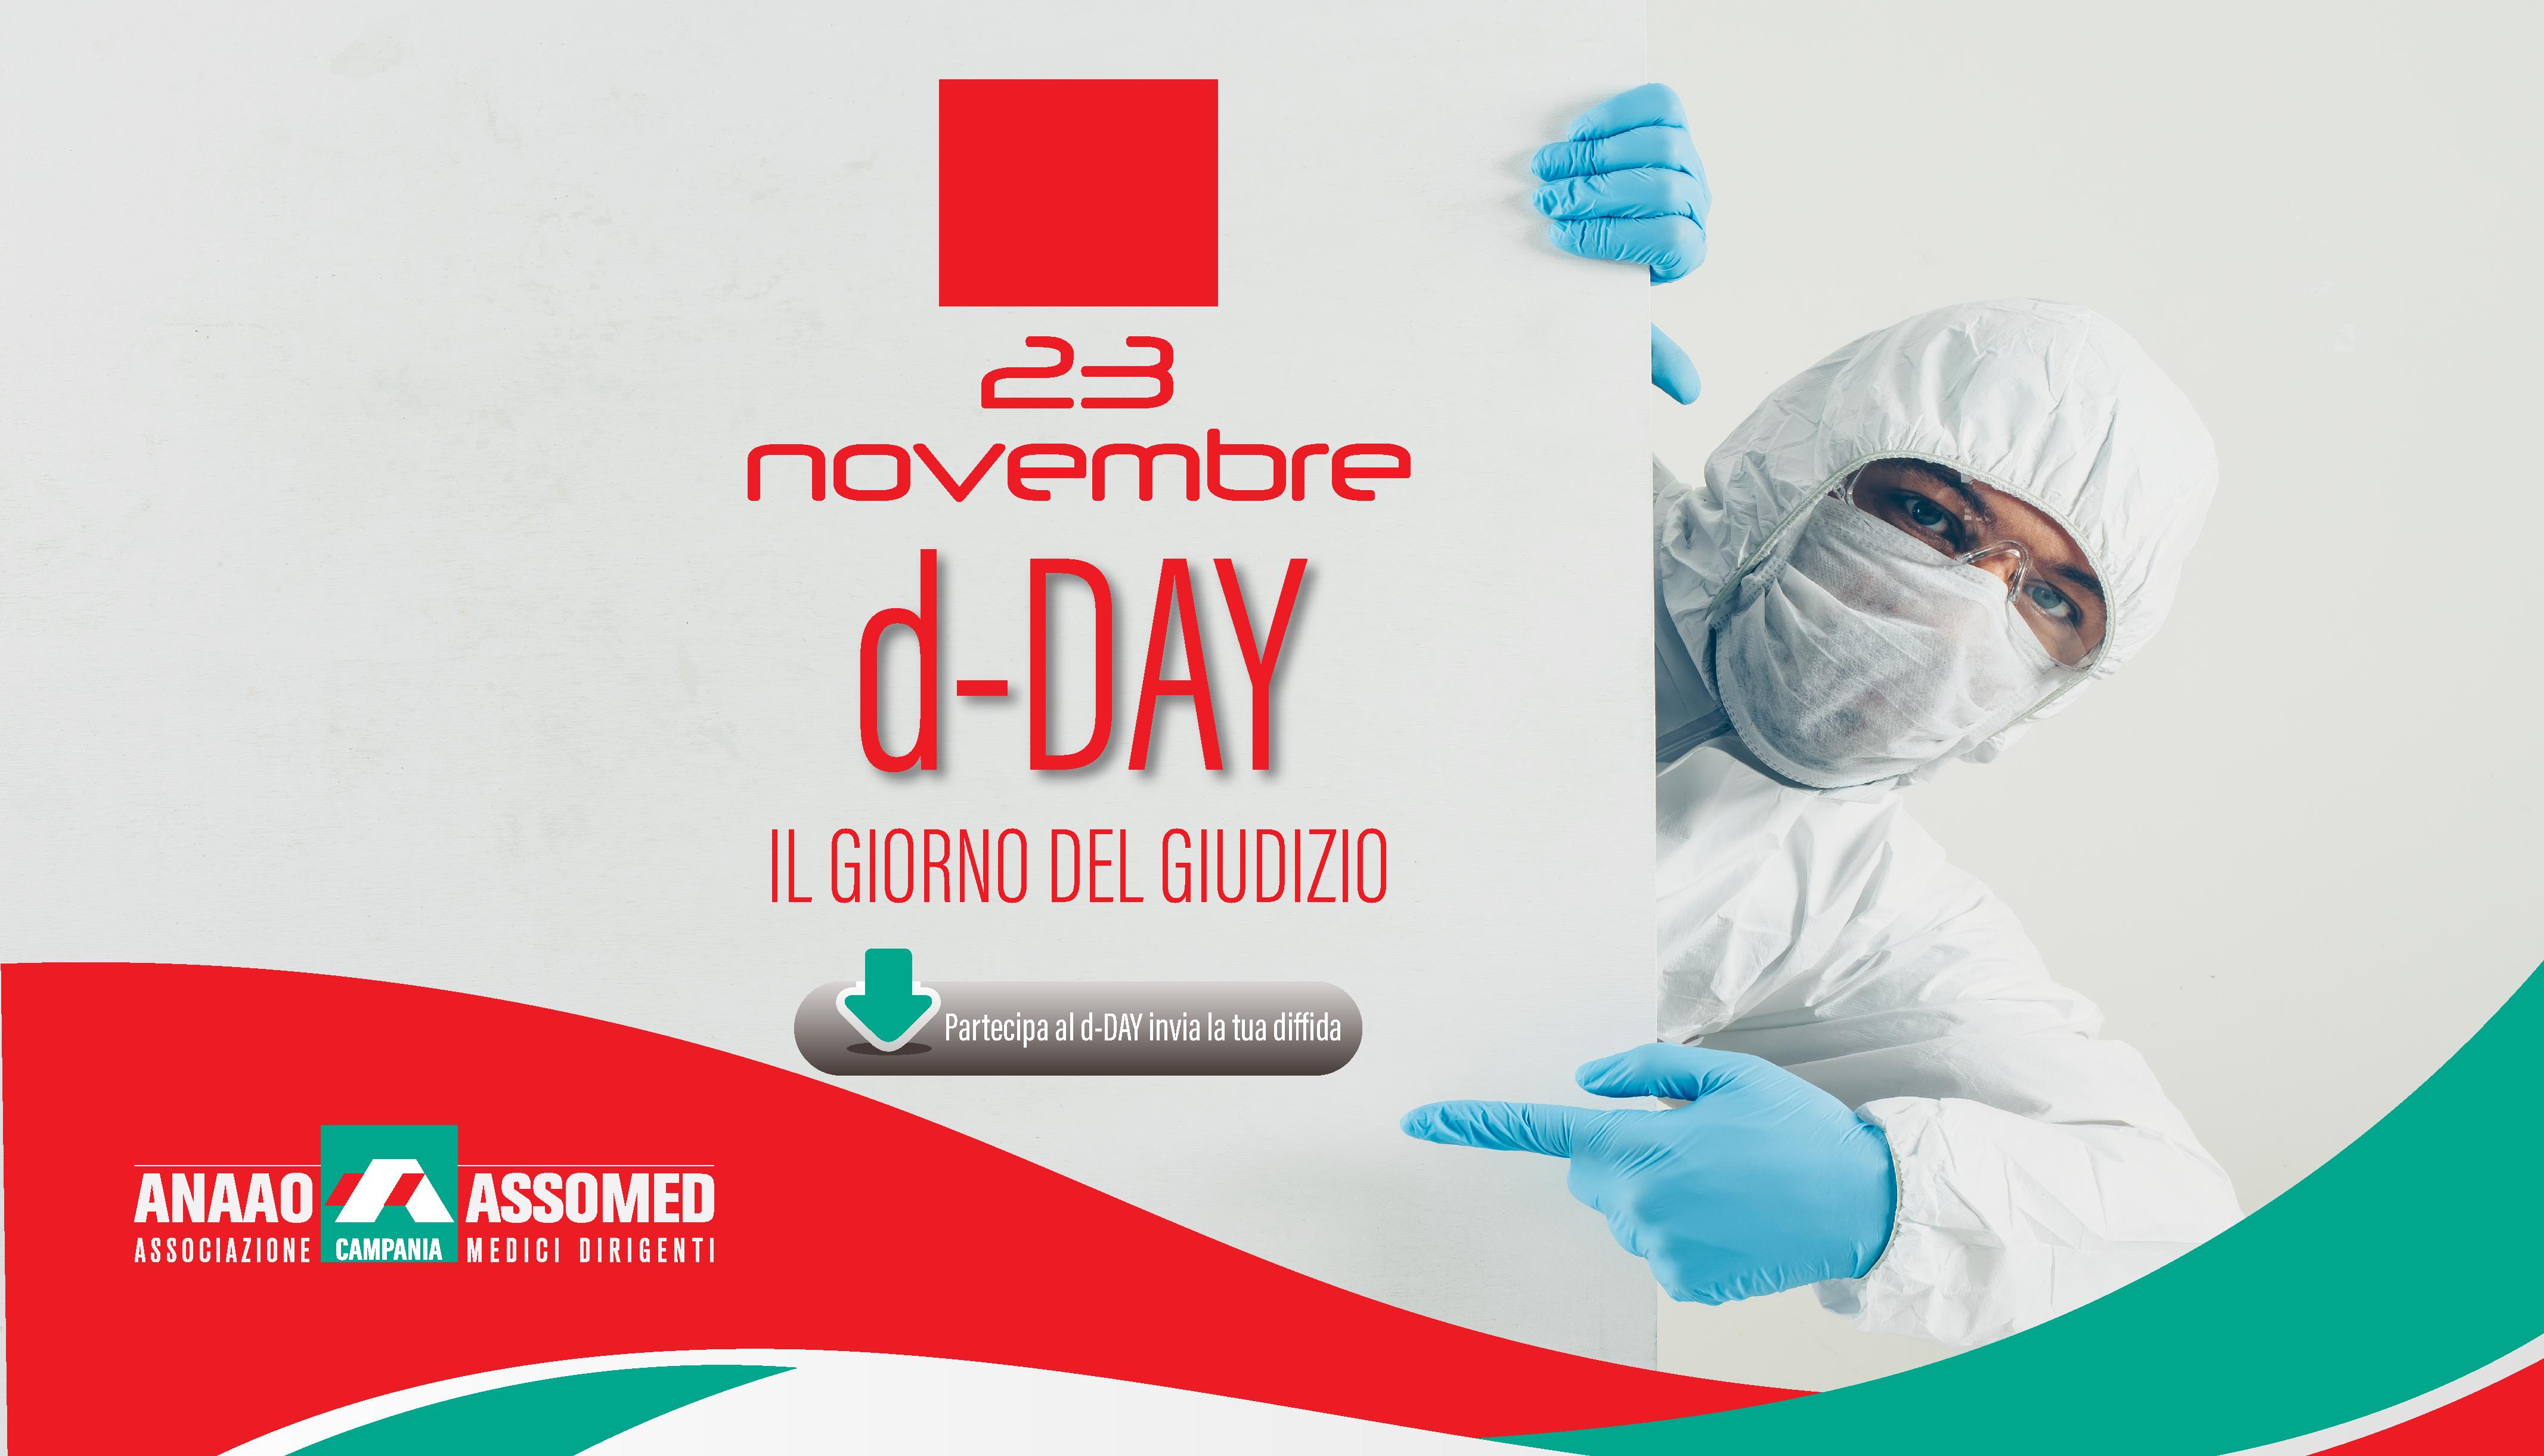 """Anaao Assomed Campania, lancia il """"d-DAY"""" una protesta per una sanità in ginocchio"""